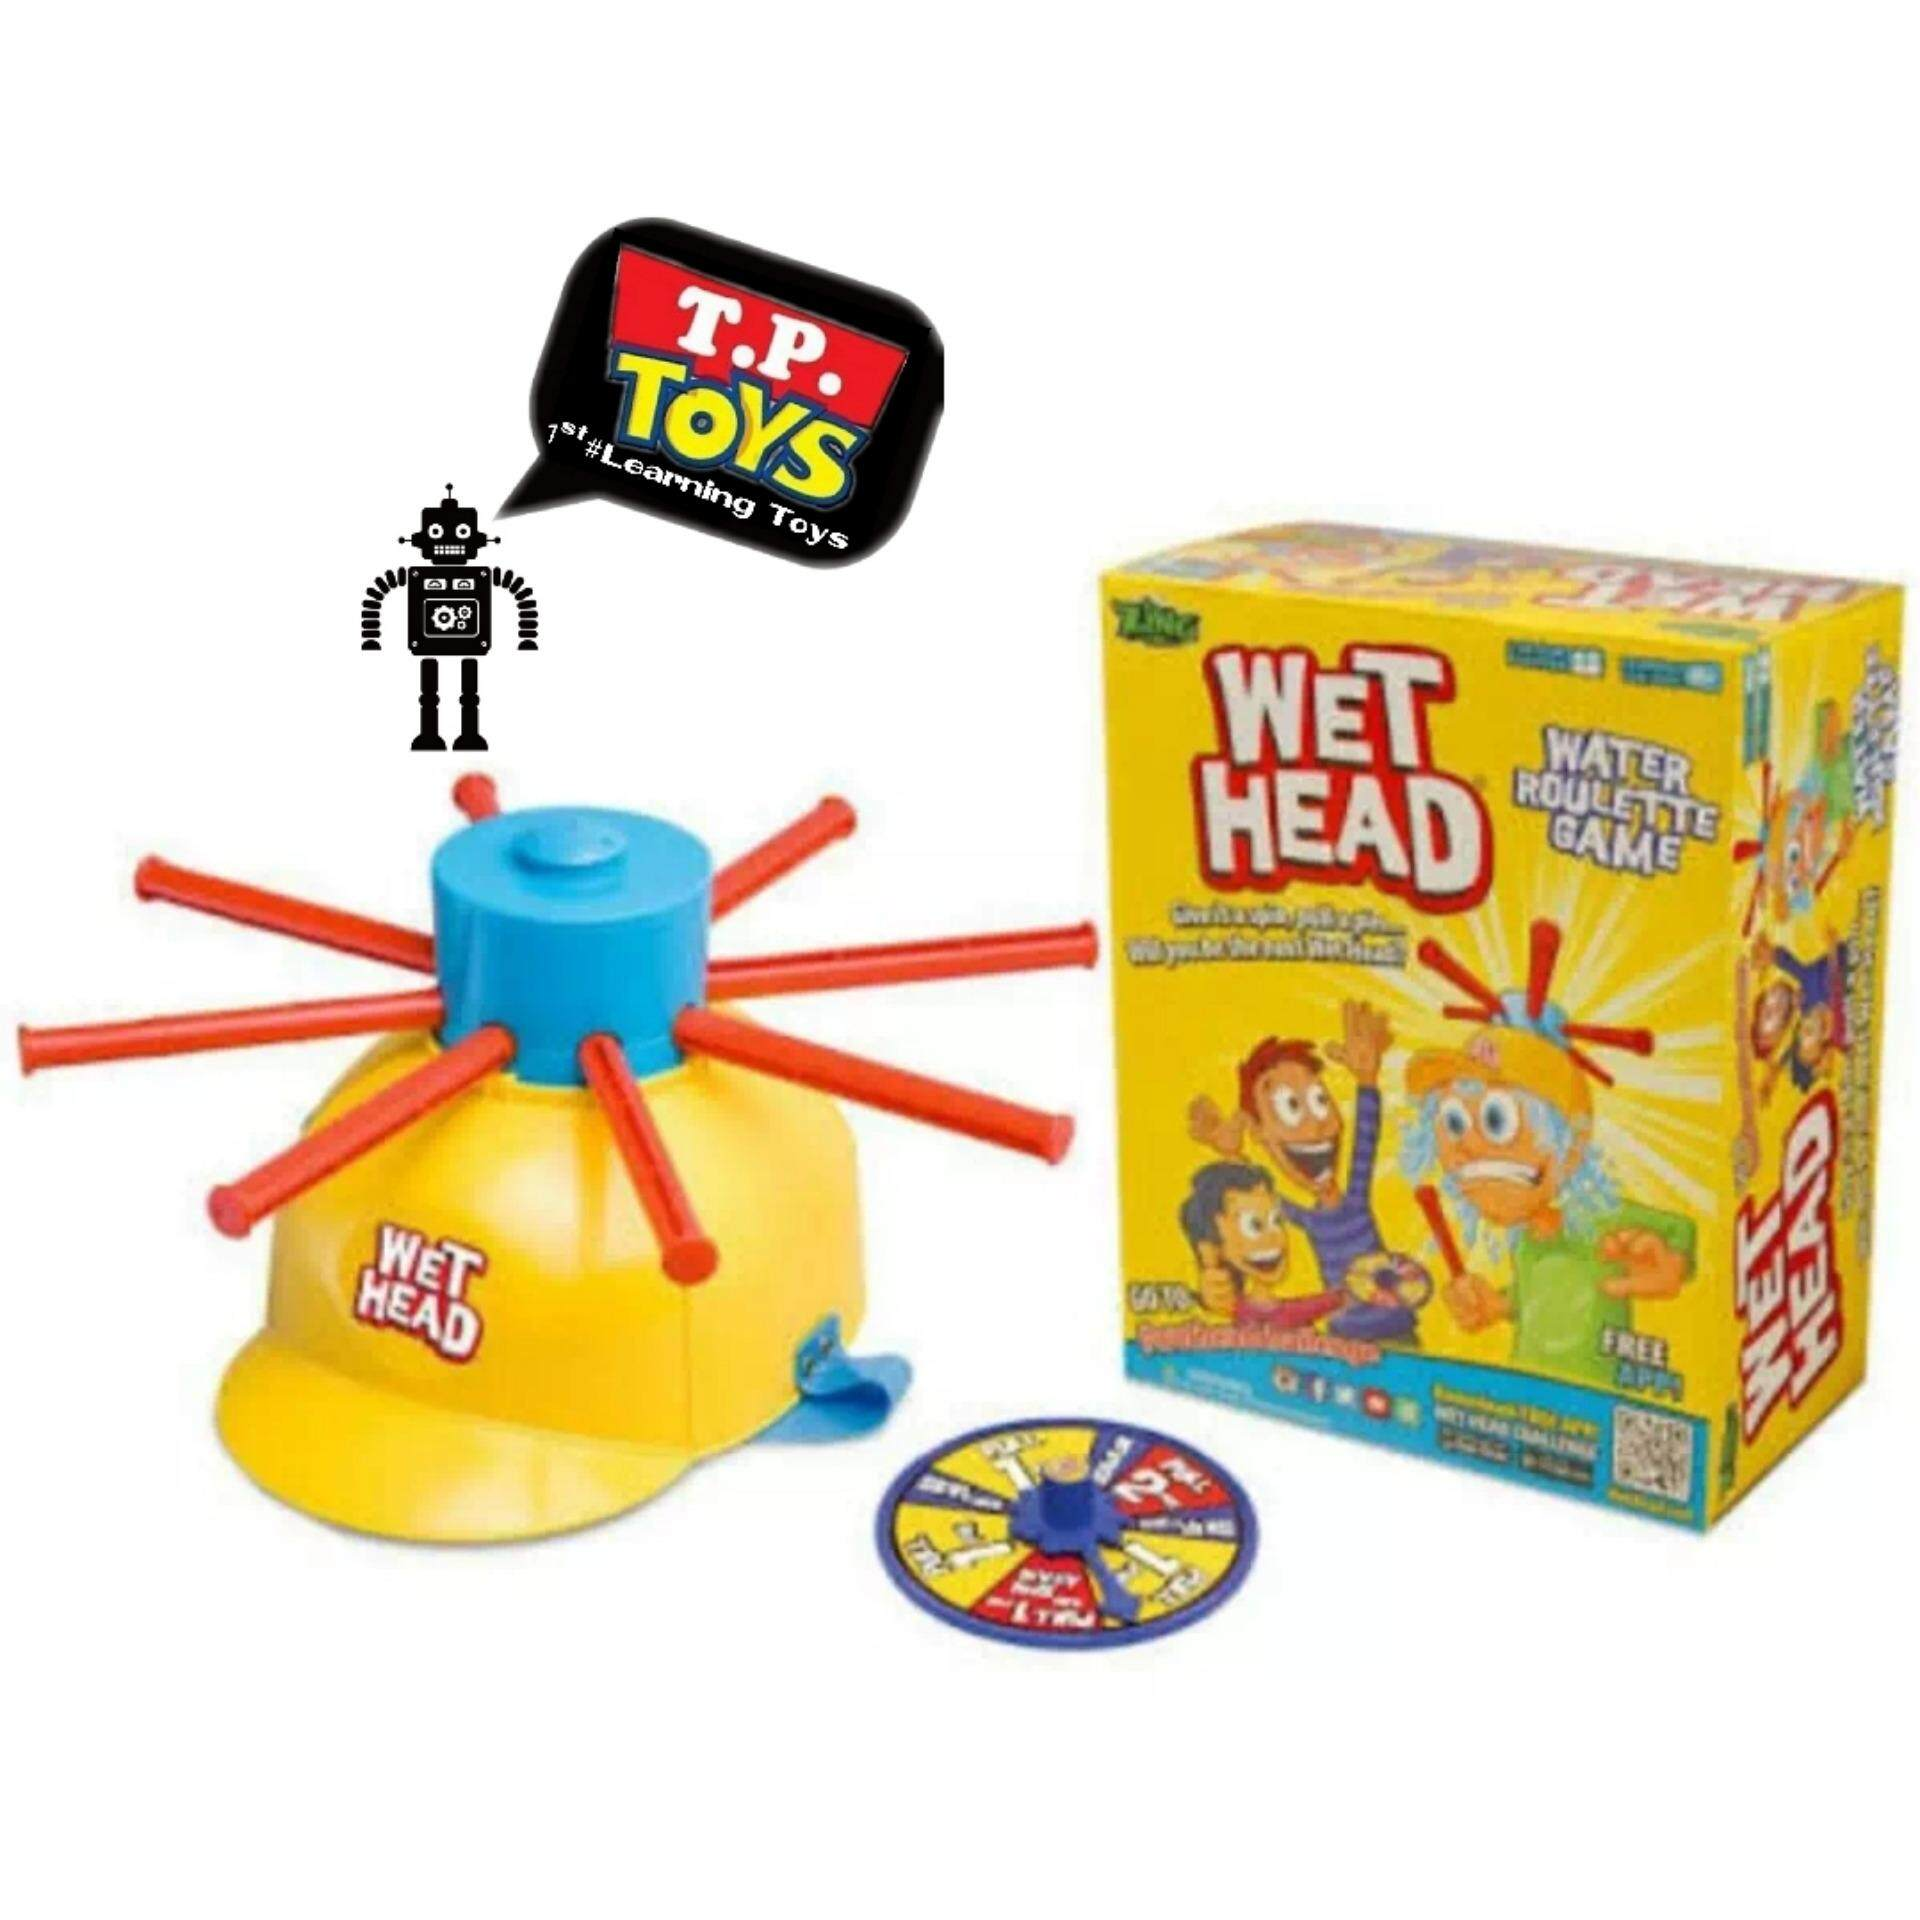 ขาย T P Toys Wet Head Challenge เกมส์หัวเปียกน้ำ สุดฮิตในต่างประเทศ เล่นได้ทั้งครอบครัว T P Toys ใน กรุงเทพมหานคร